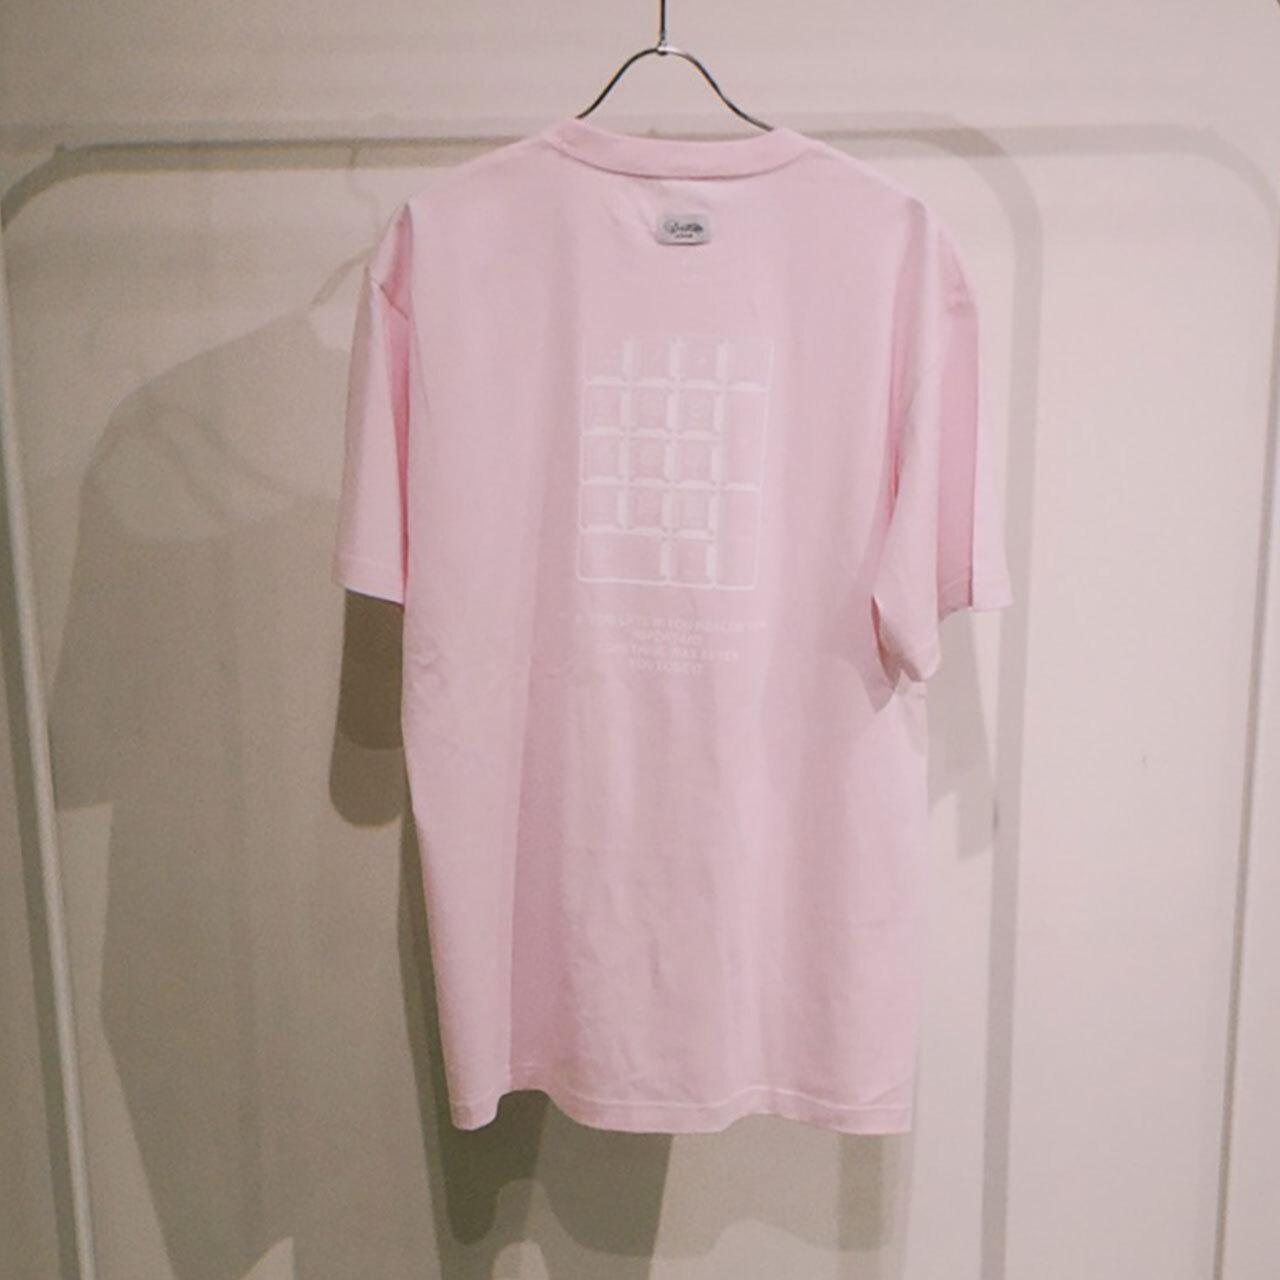 TENKI × A Man Collaboration Tee Pink × White